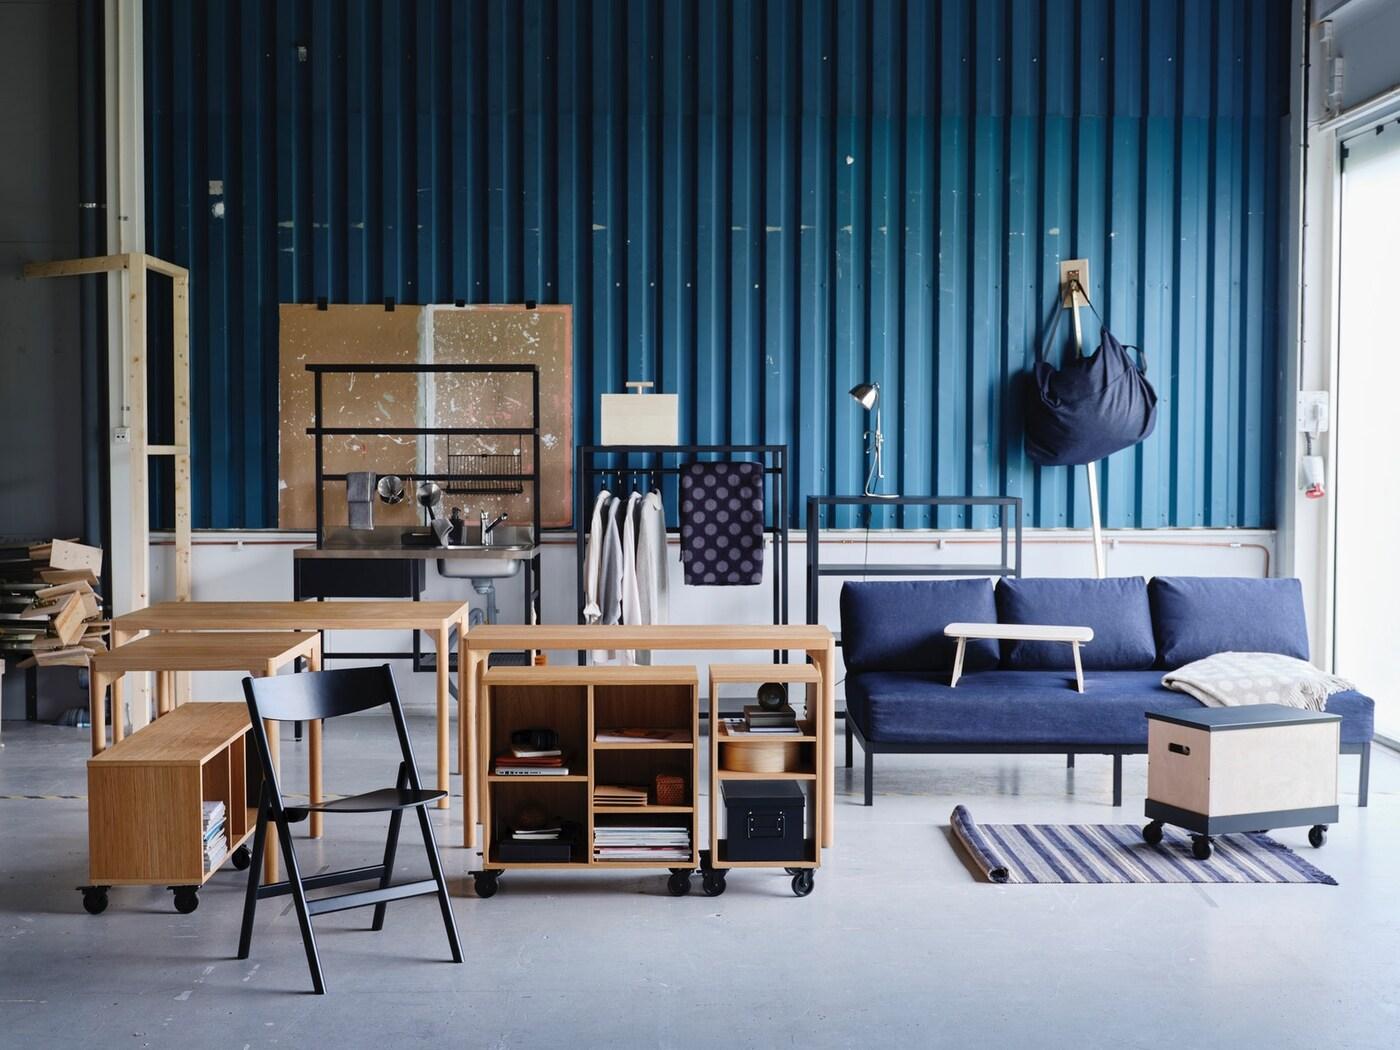 Inrett rum med RÅVAROR kollektion där flera möbler står i mitten av ett rum framför en blå vägg